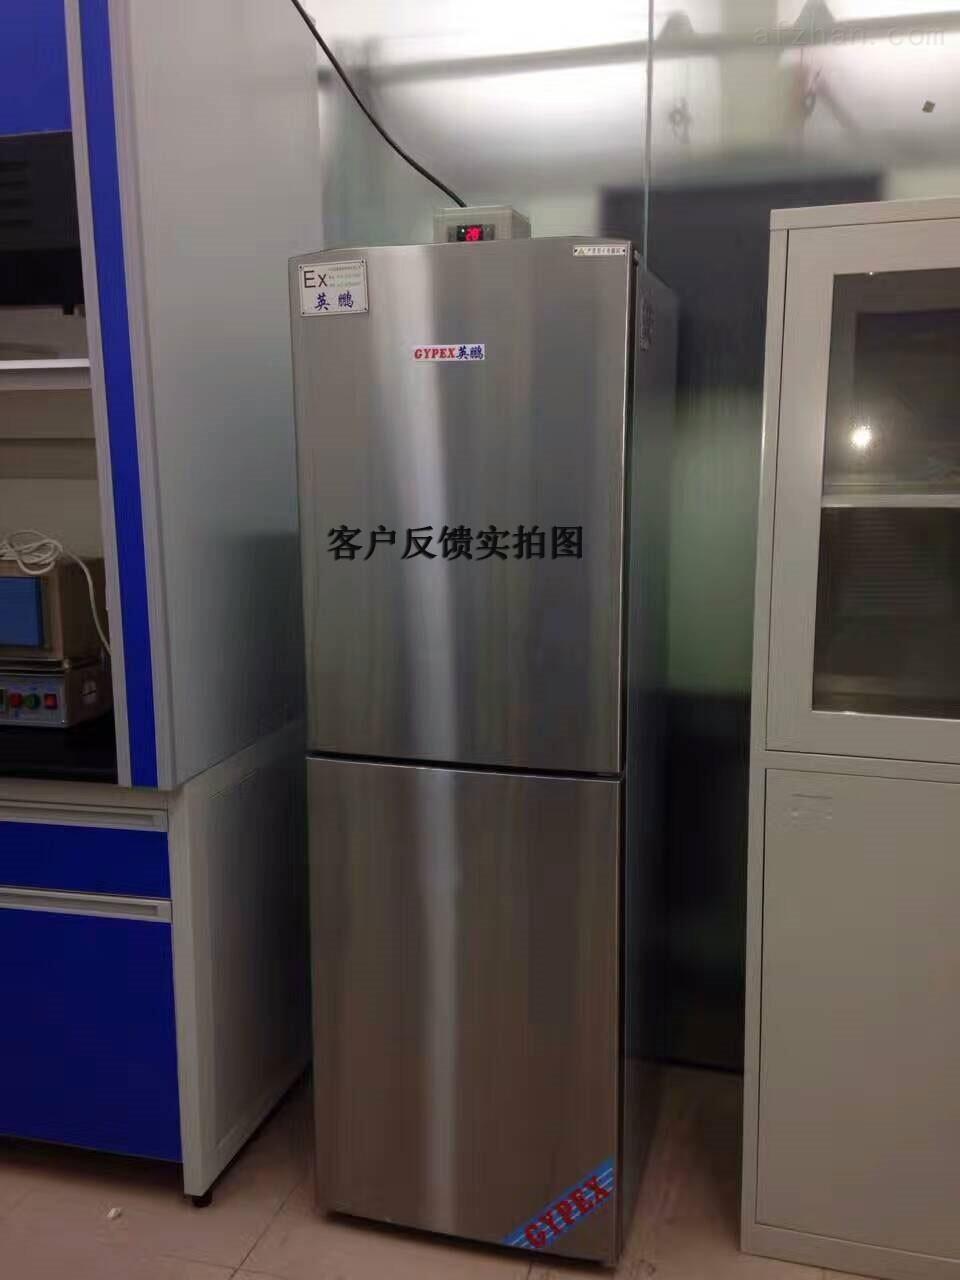 三明市理工学院防爆冰箱